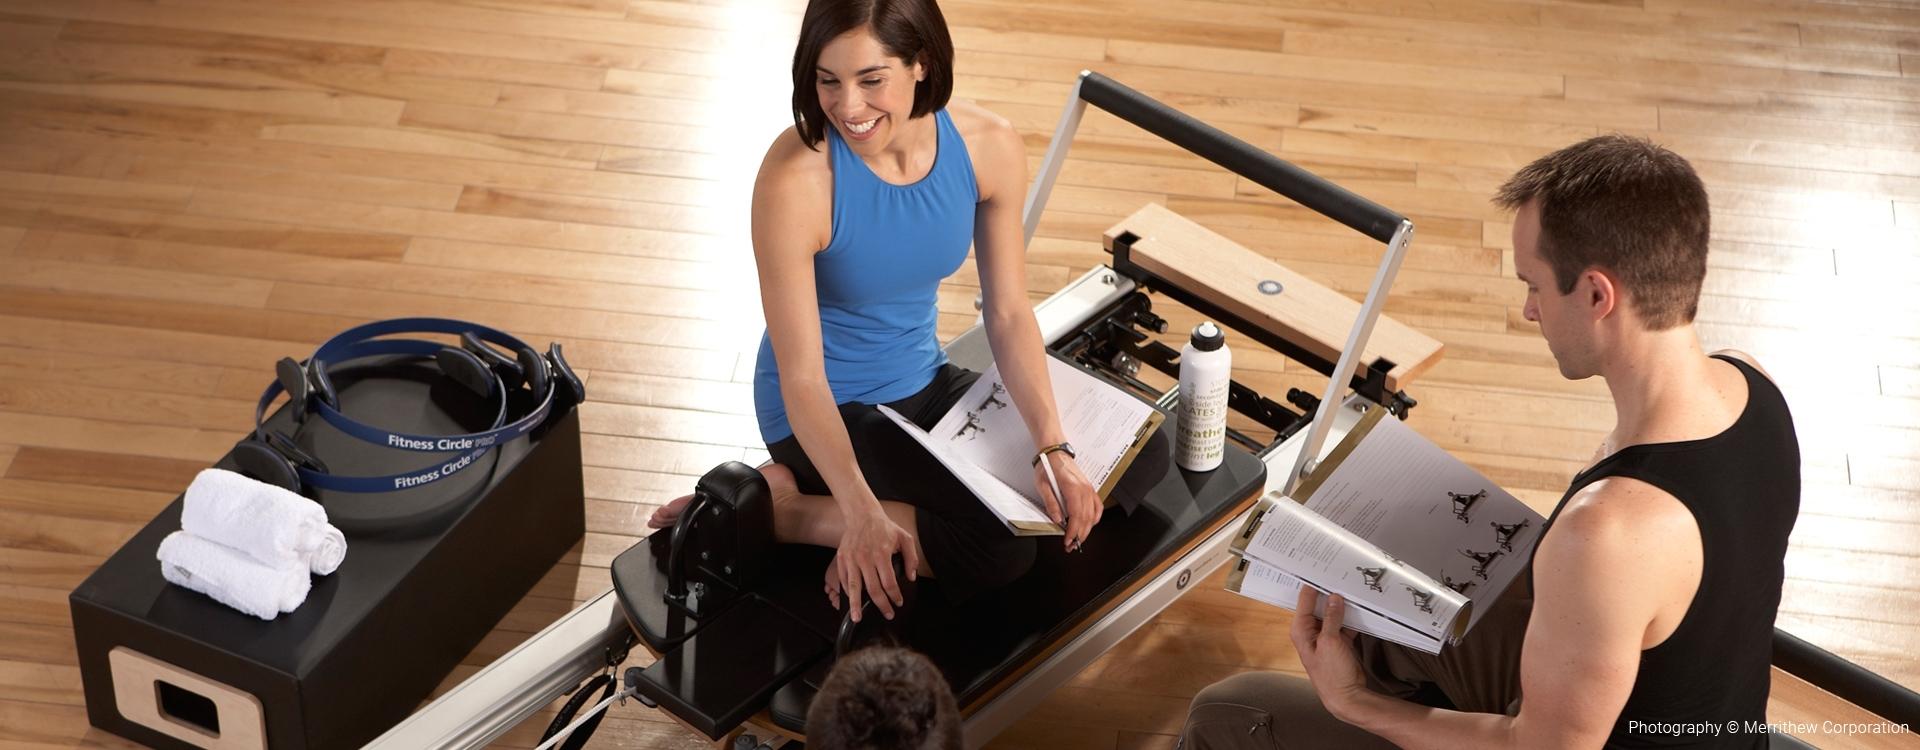 Conscious-Education LLC: Denver STOTT PILATES® Training